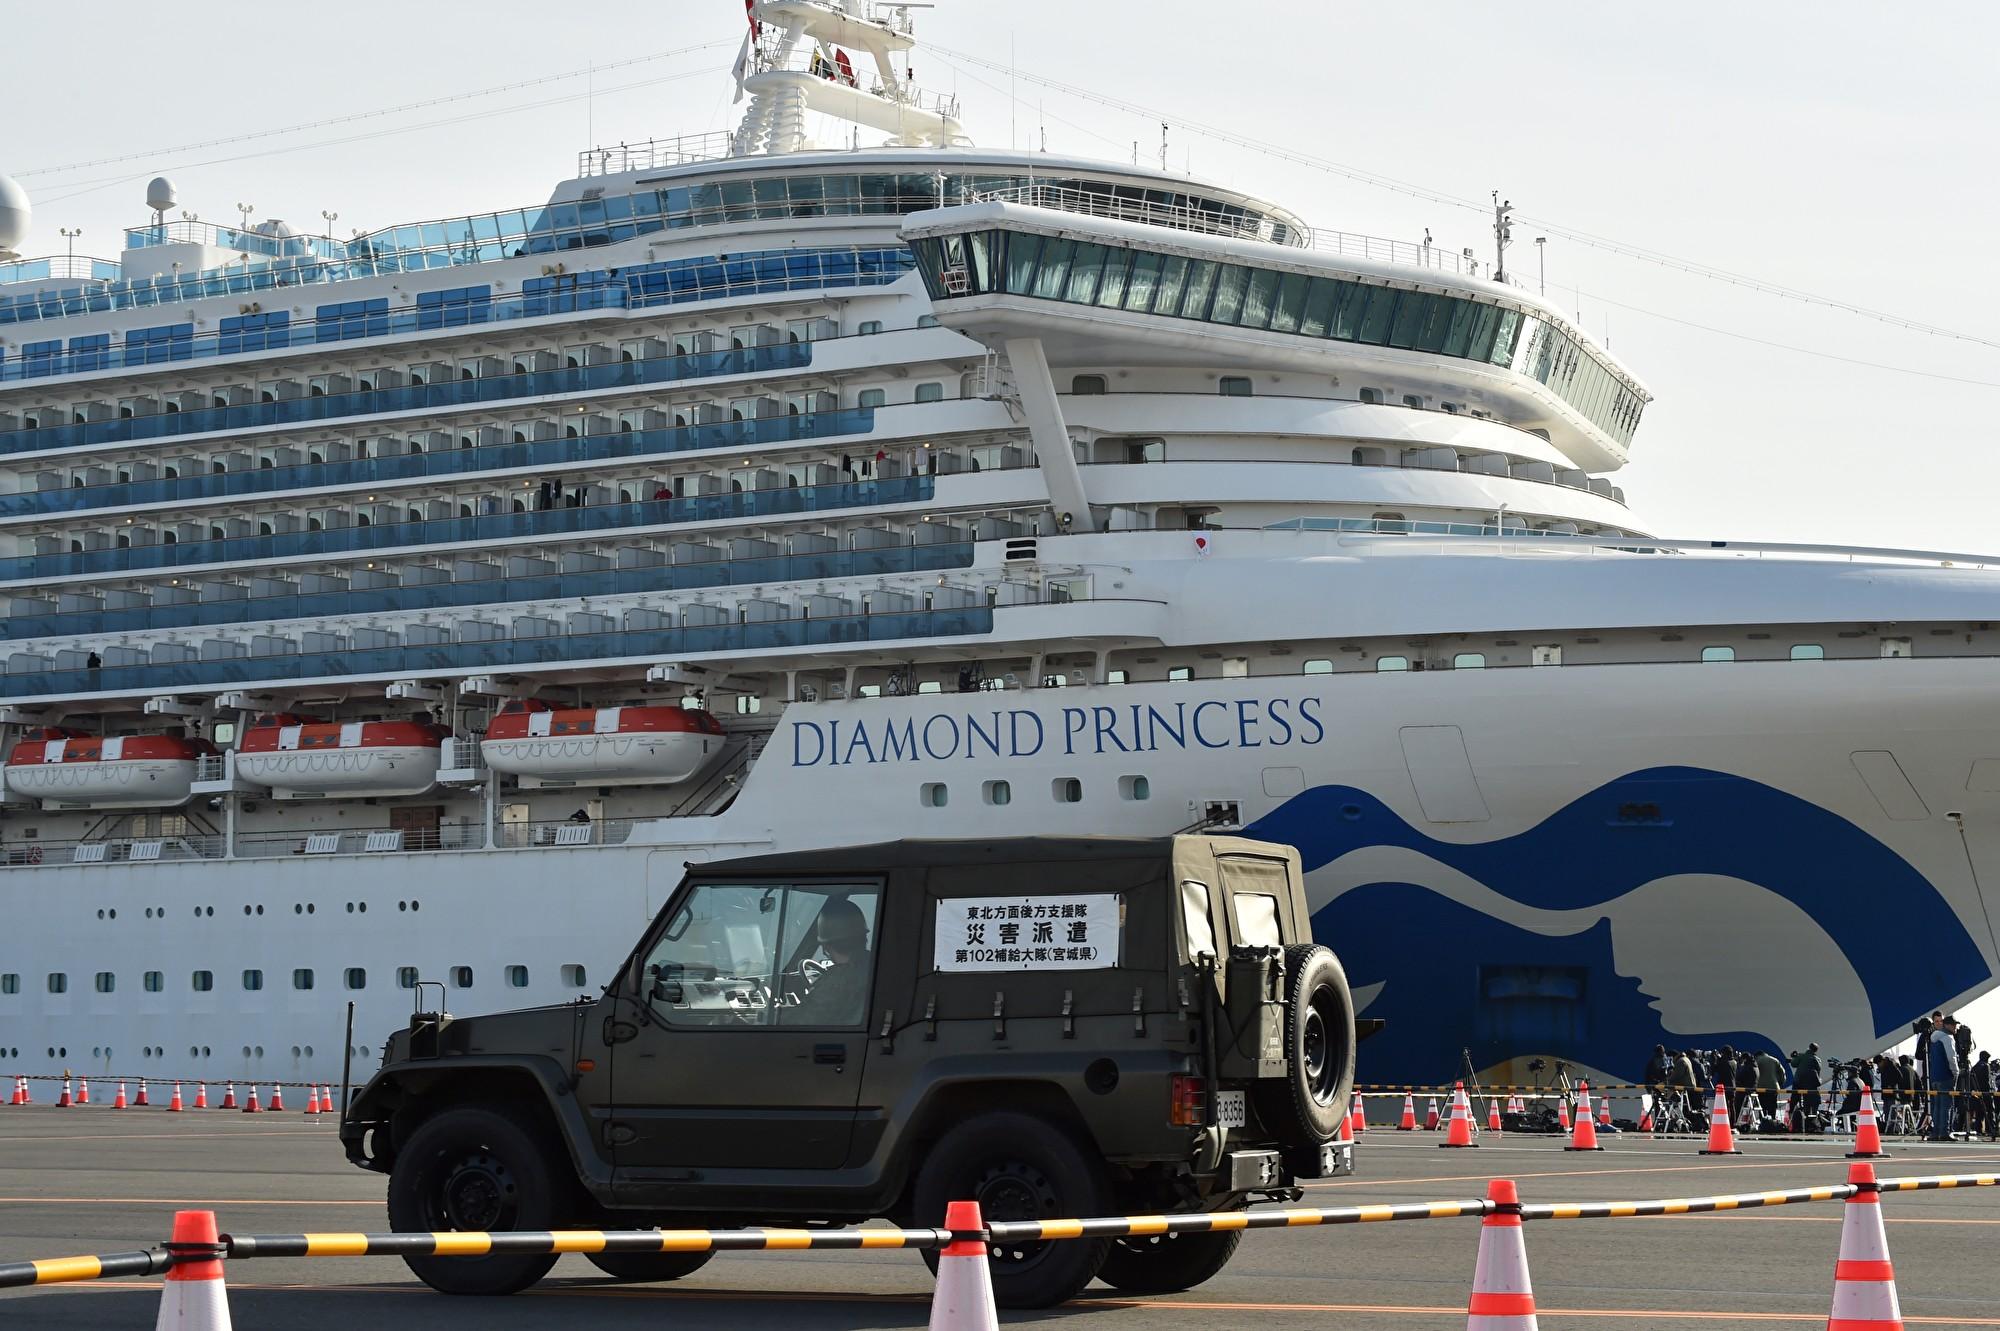 公主郵輪公司的鑽石公主號郵輪停泊在橫濱港碼頭外,周六累計確診中共病毒(俗稱武漢病毒、新冠病毒)病例達64例,船上仍有3600多人,美國政府則考慮將其中的428名美國公民接走。 (Kazuhiro NOGI/AFP)